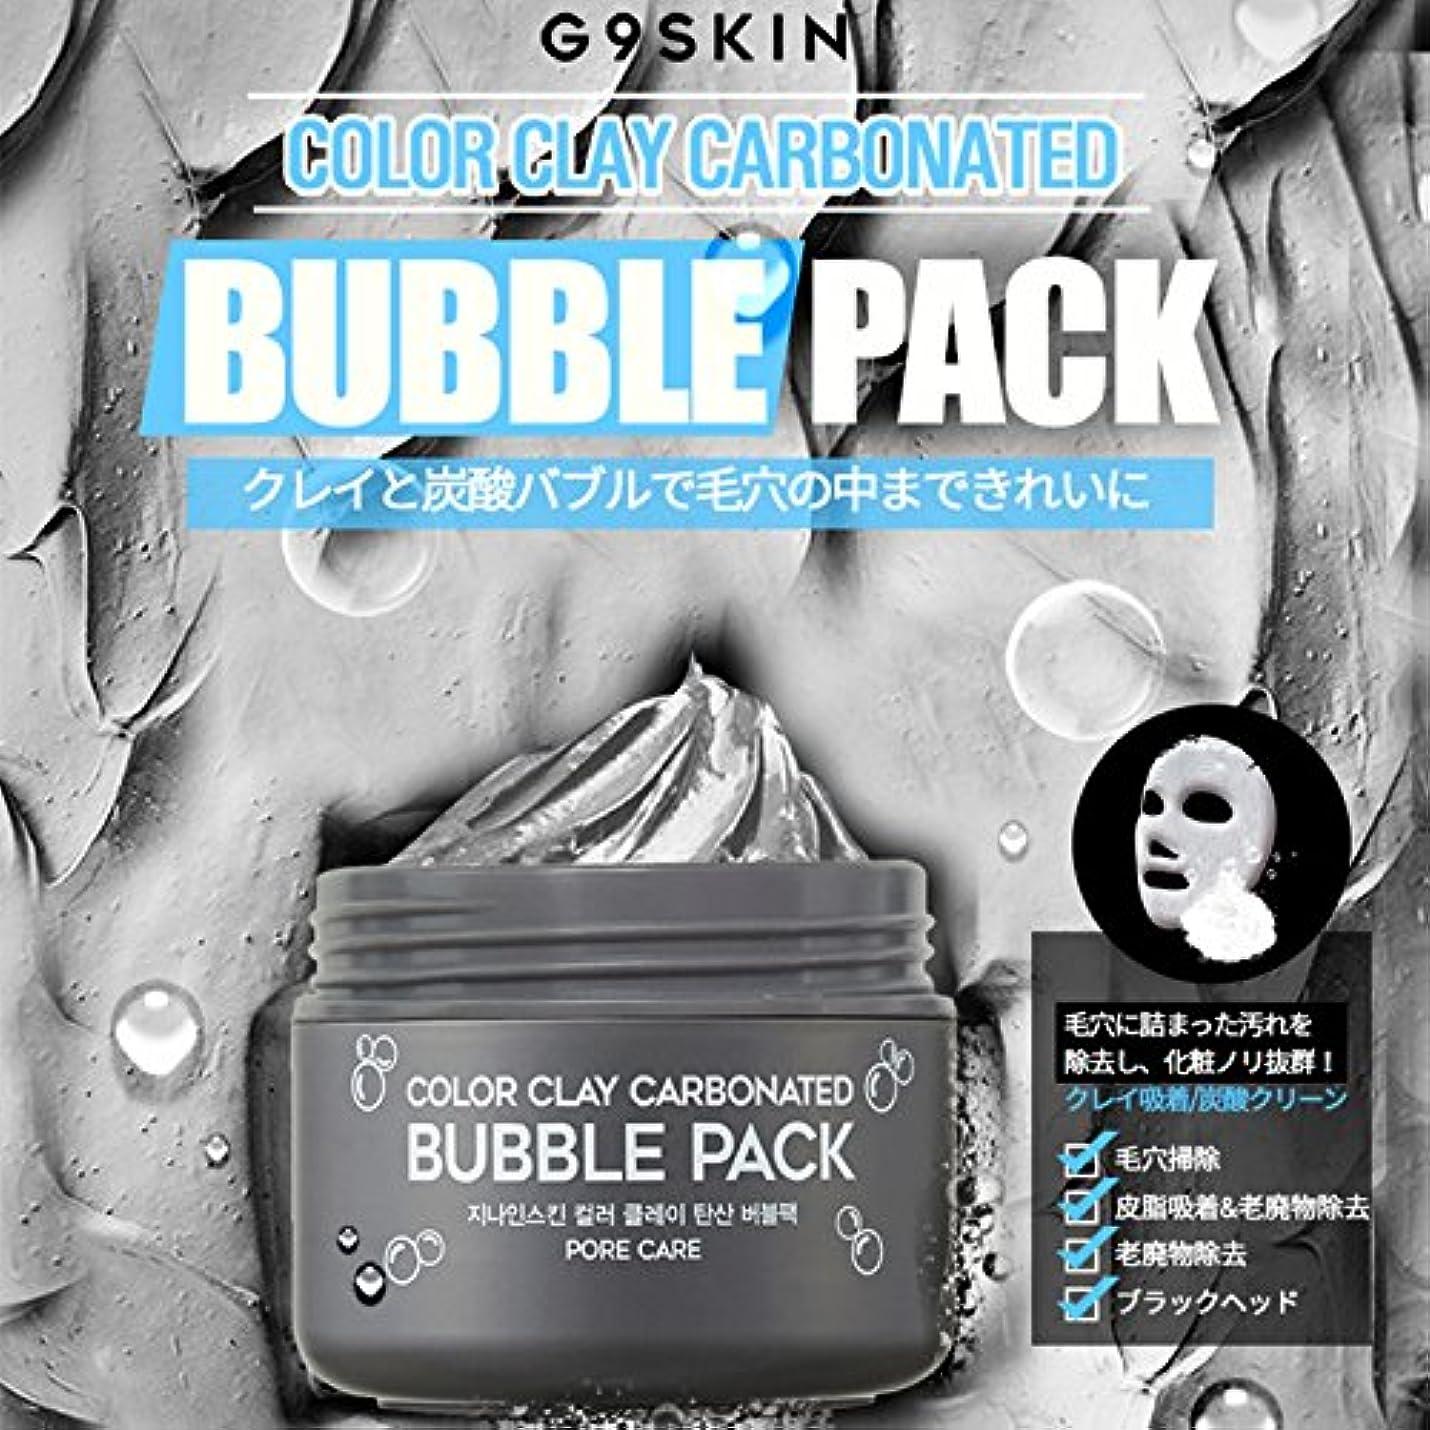 修羅場エンティティ乗って[G9SKIN/G9スキン] Color Clay Carbonated Bubble Pack / カラークレイ炭酸バブルパック | 100ml 炭酸 バブル 韓国コスメ Skingarden/スキンガーデン